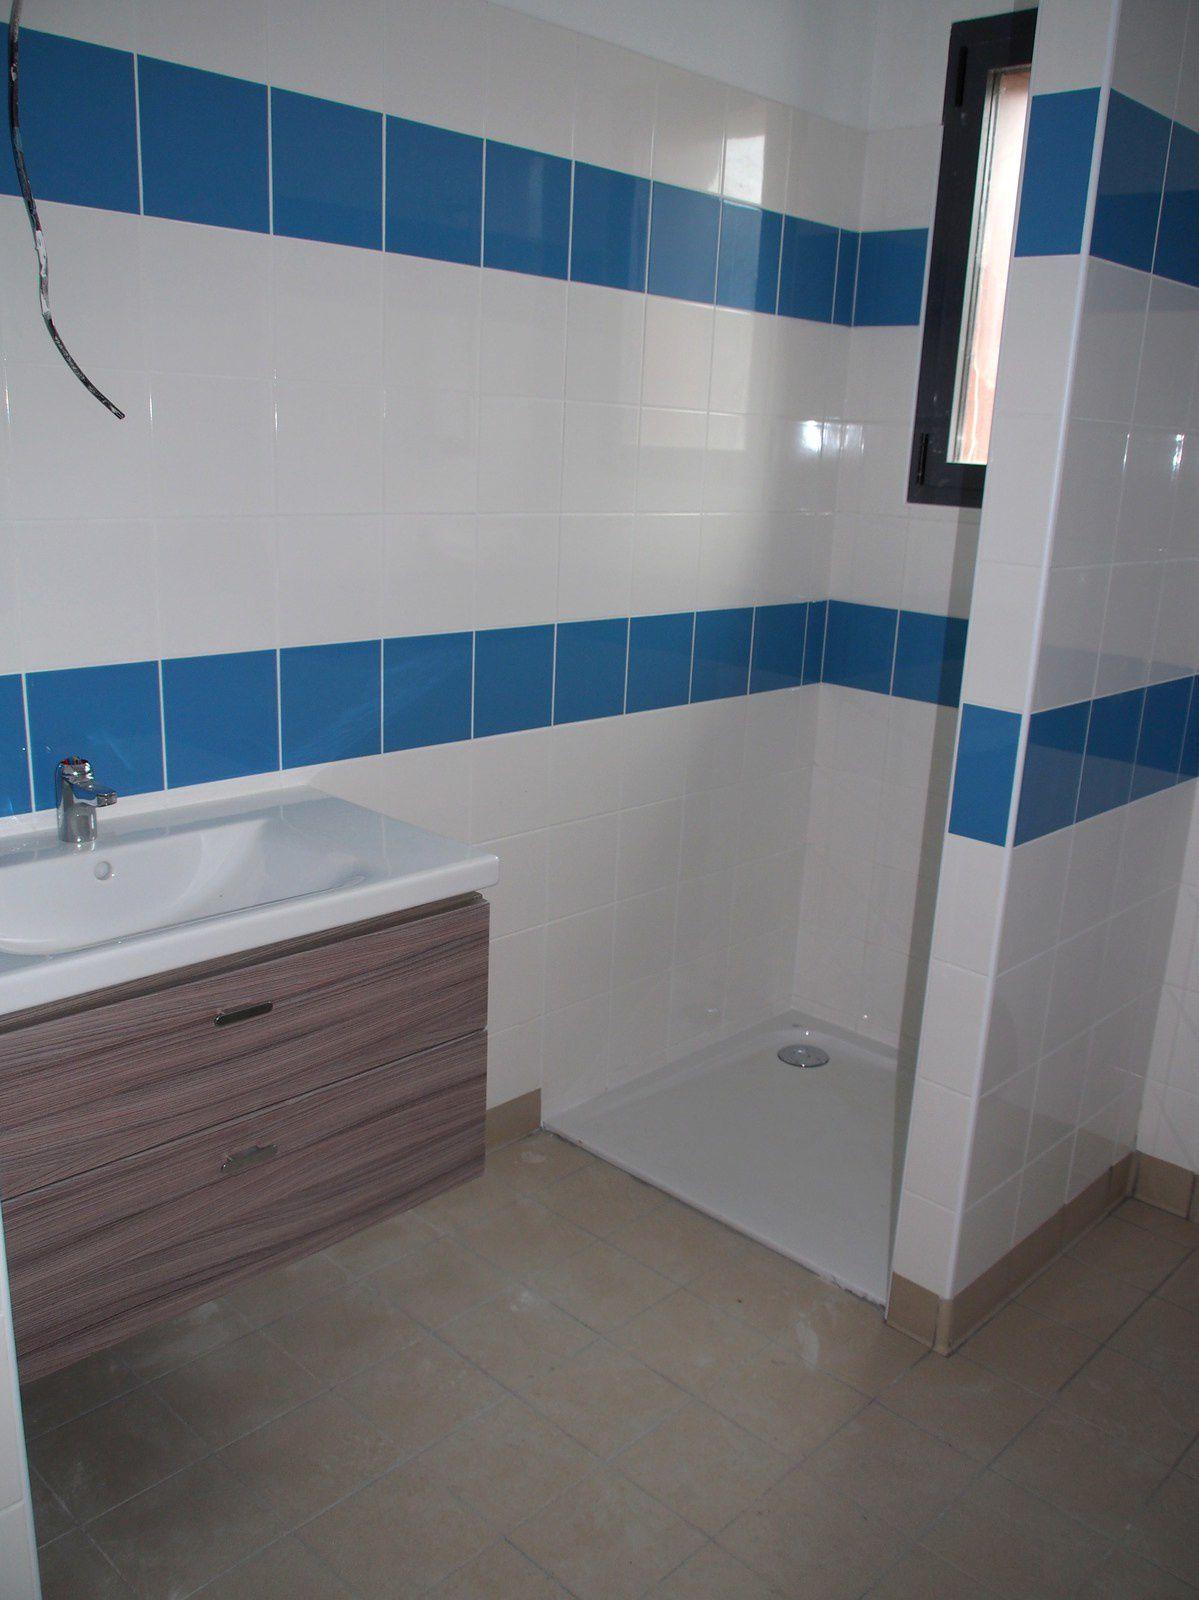 2 avril : Salles de bain et sanitaires - Centre Pastoral ...